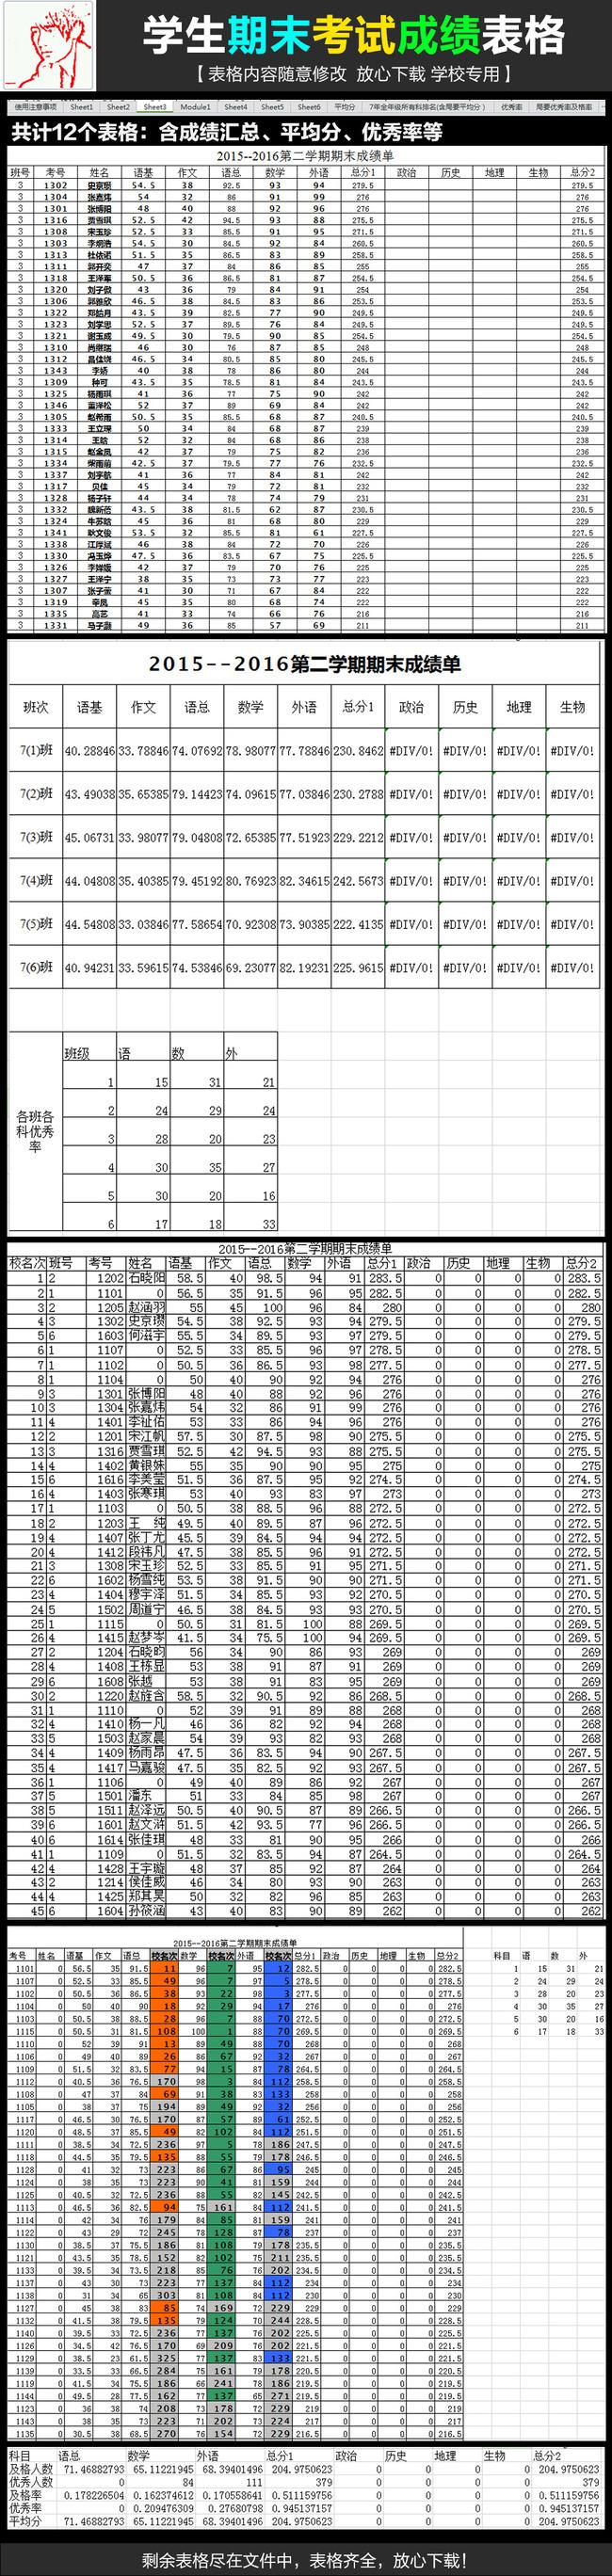 办公|ppt模板 excel模板 学校l政府机关表格模版 > 学校学生期末考试